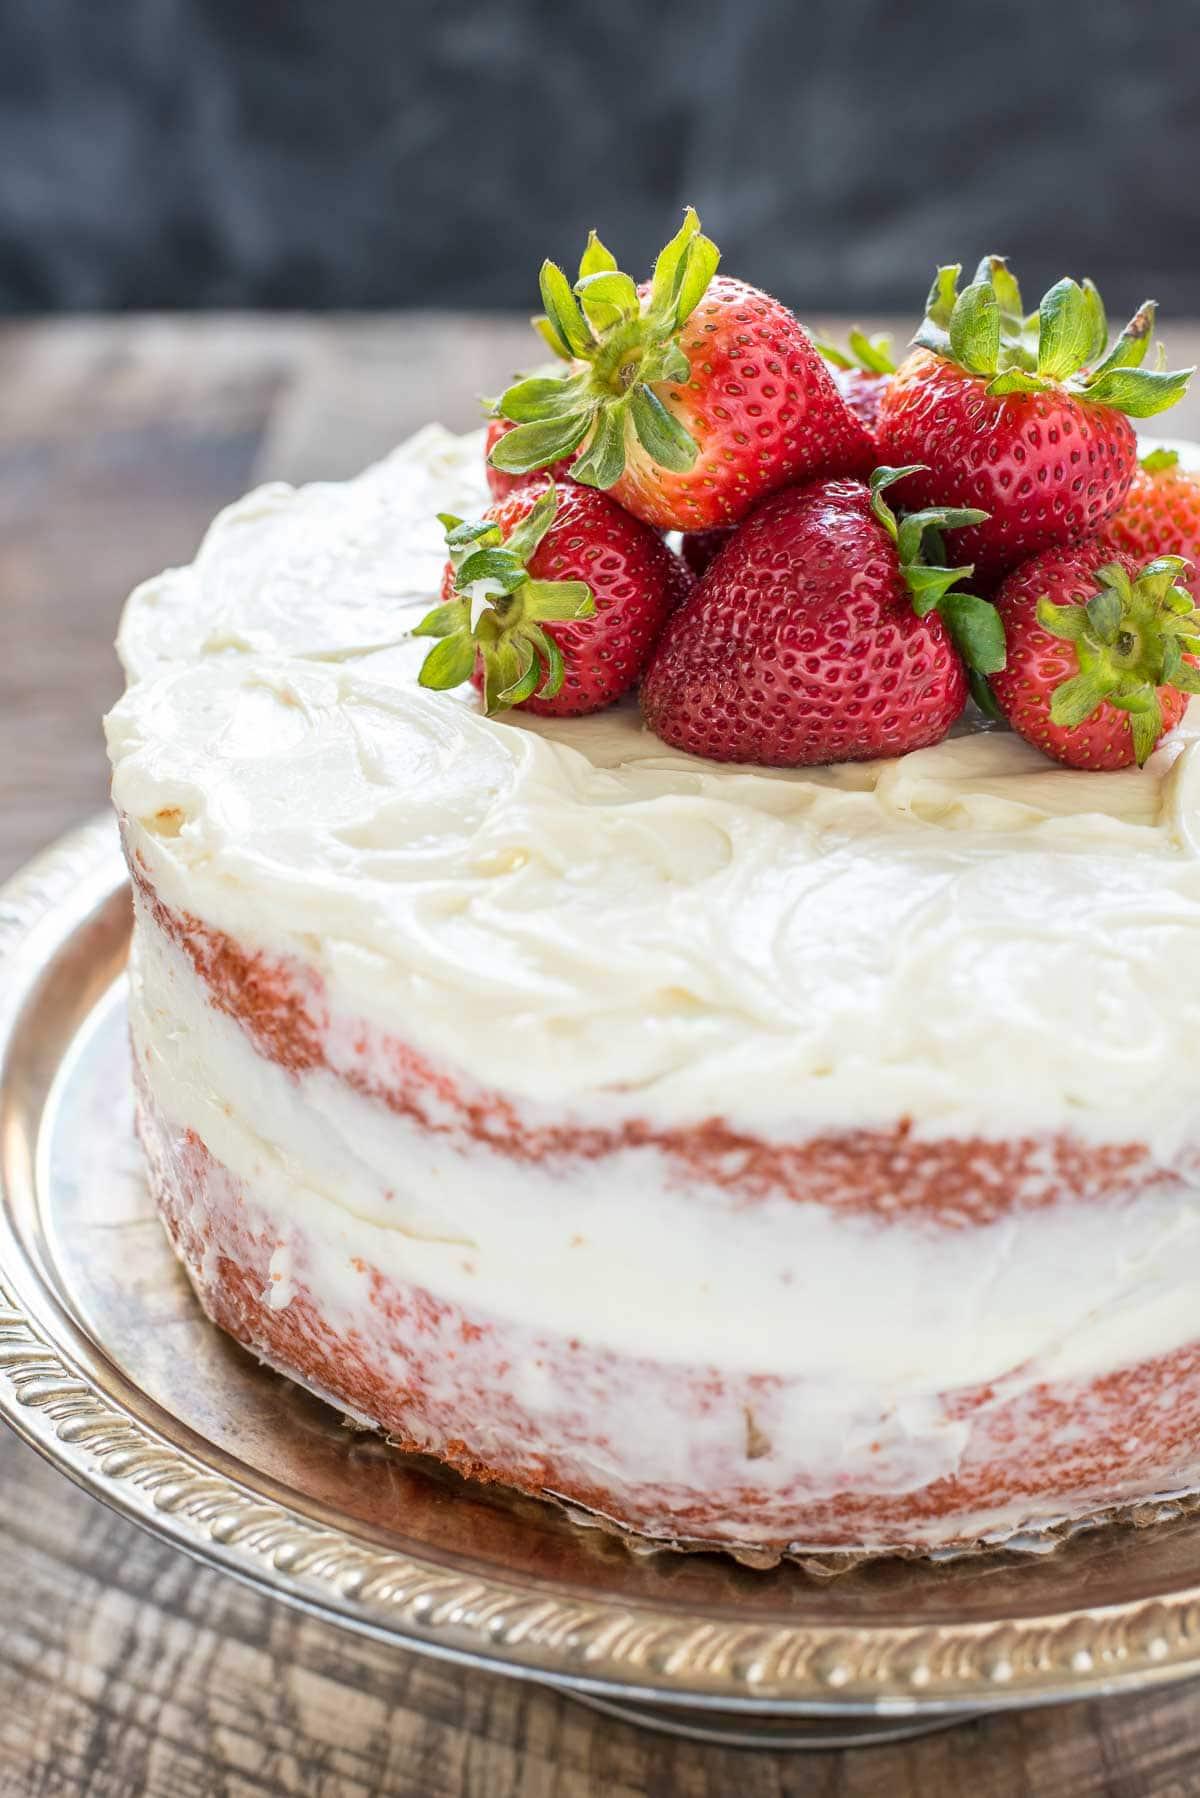 Easy Cake Recipes Strawberry